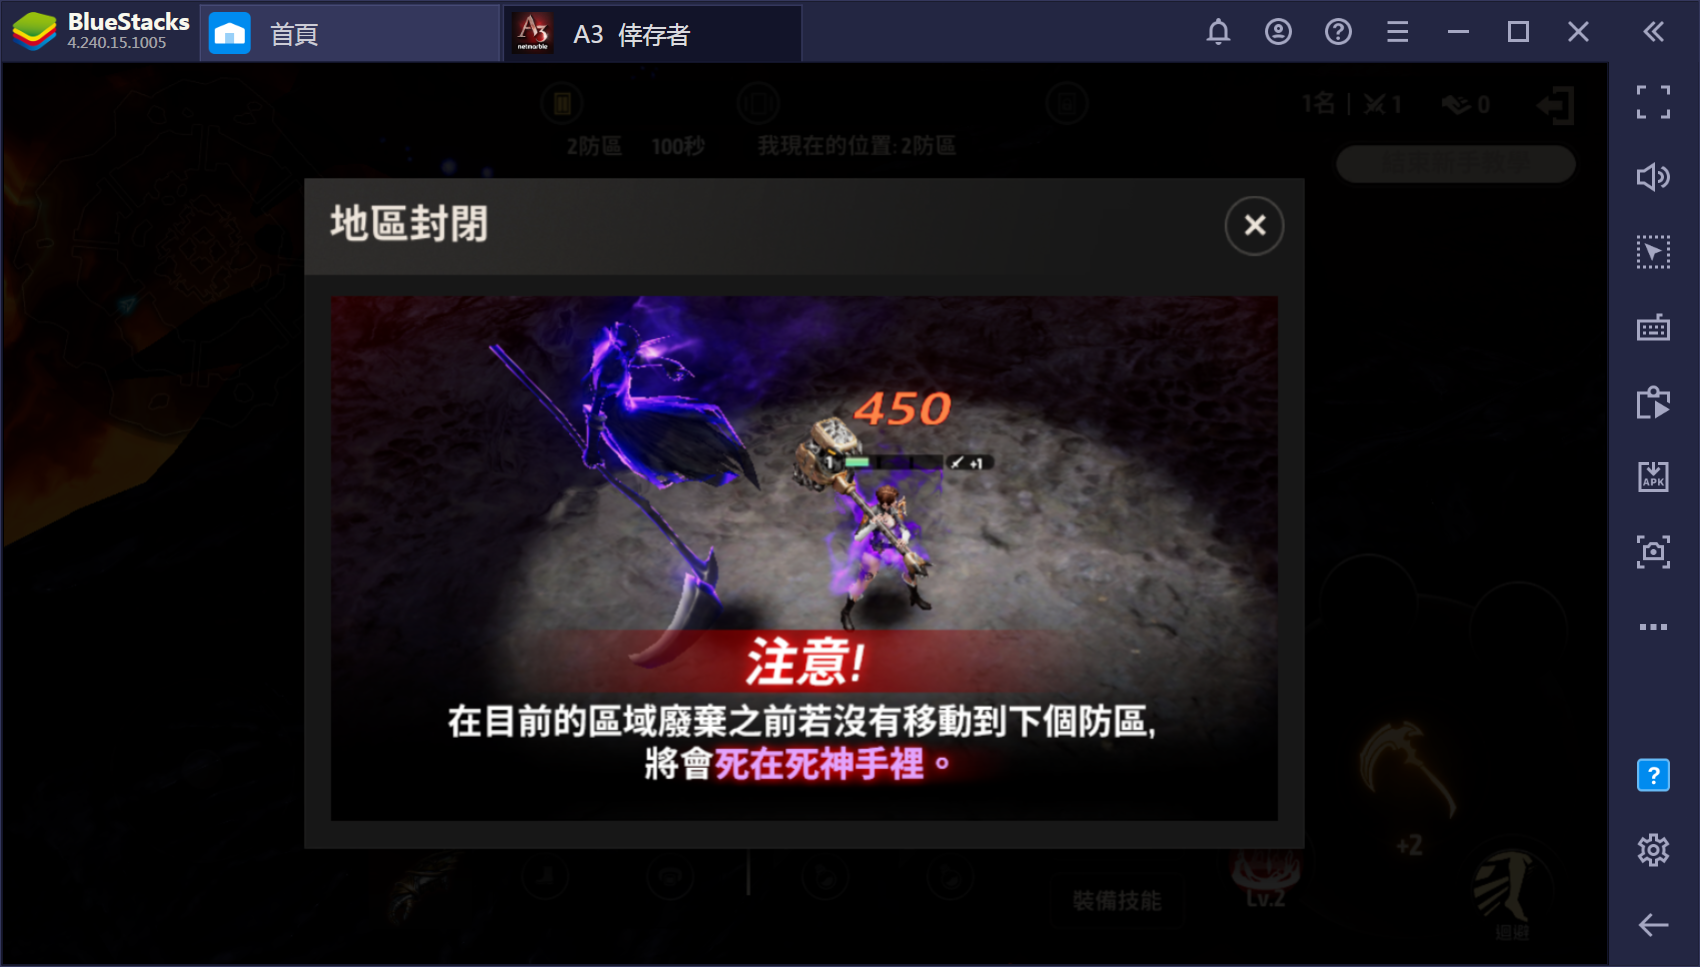 使用BlueStacks在PC上遊玩《A3: STILL ALIVE 倖存者》